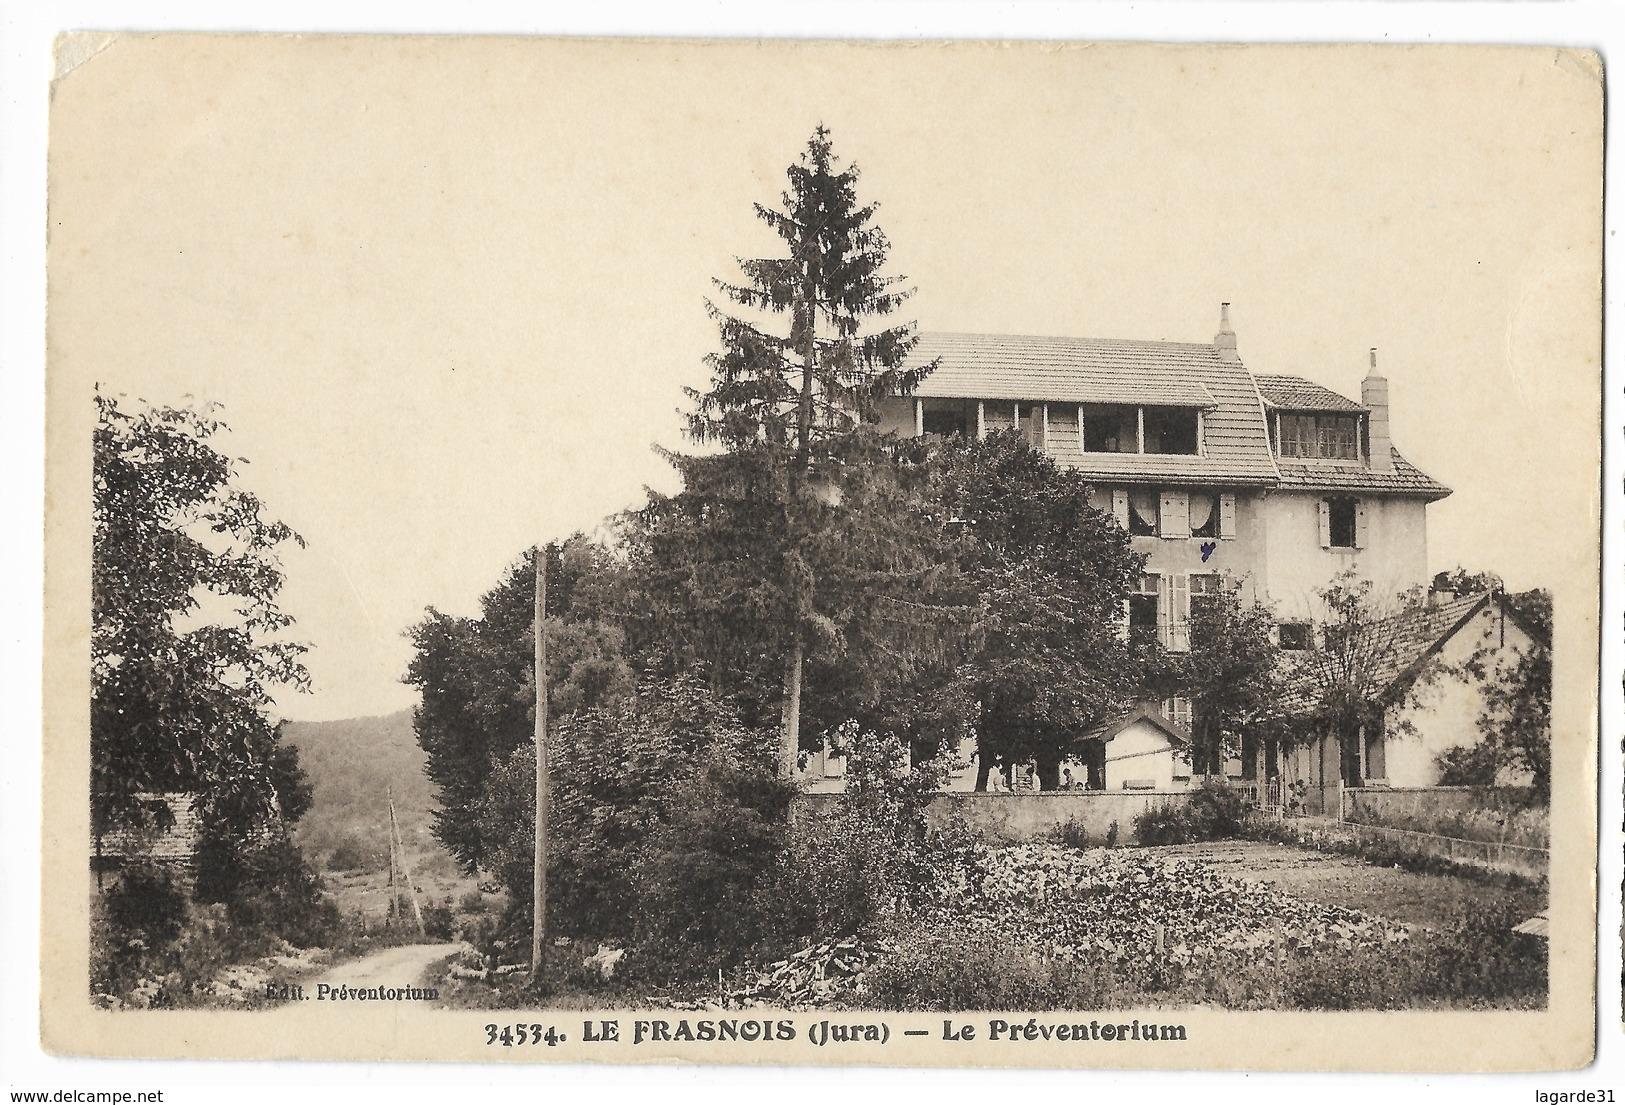 000448 Le Frasnois Le Préventorium (angle Haut Gauche Abimé) - France